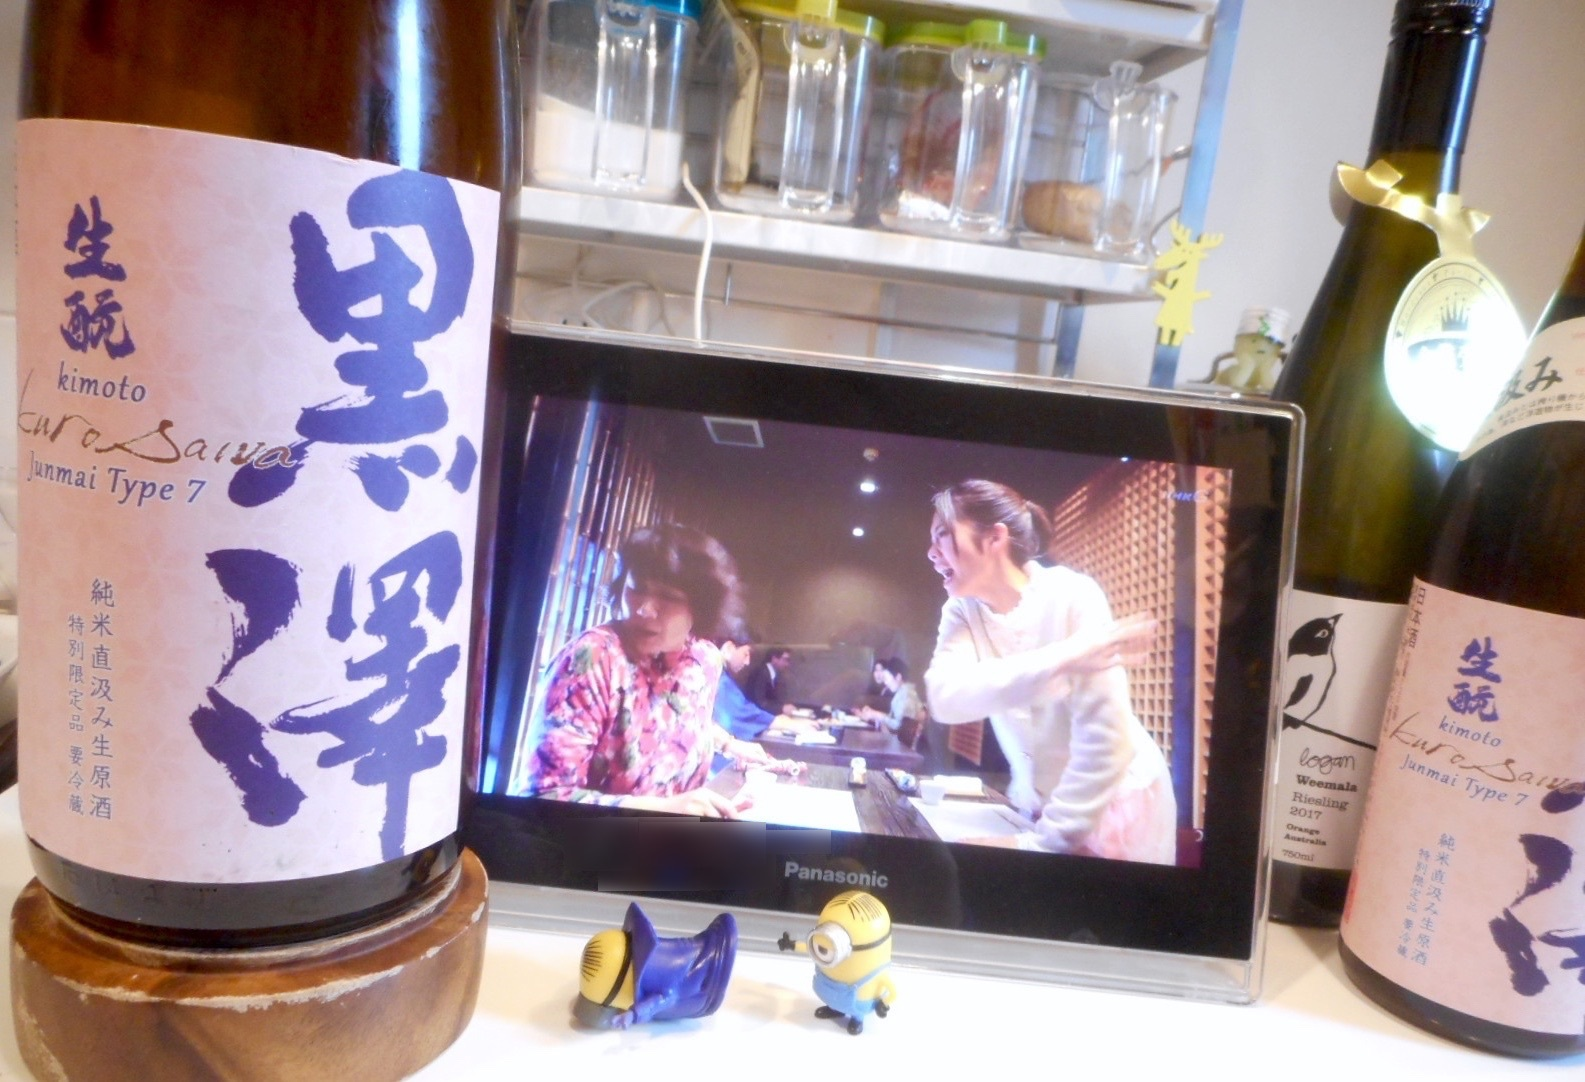 kurosawa_type7_29by_5_1.jpg